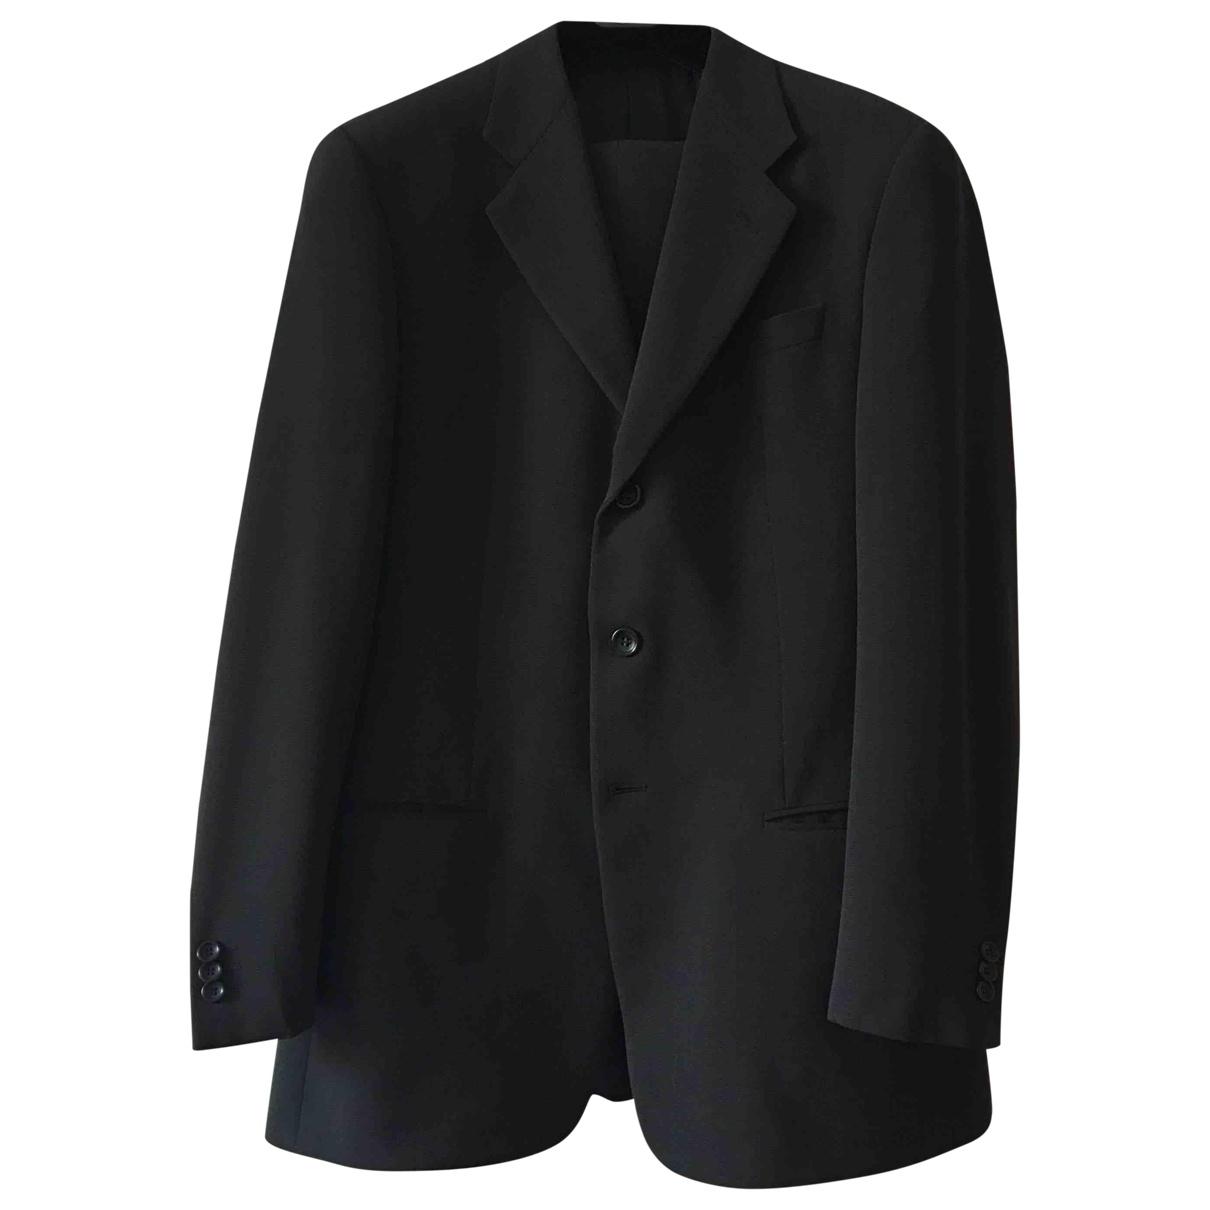 Armani Collezioni - Vestes.Blousons   pour homme en laine - gris